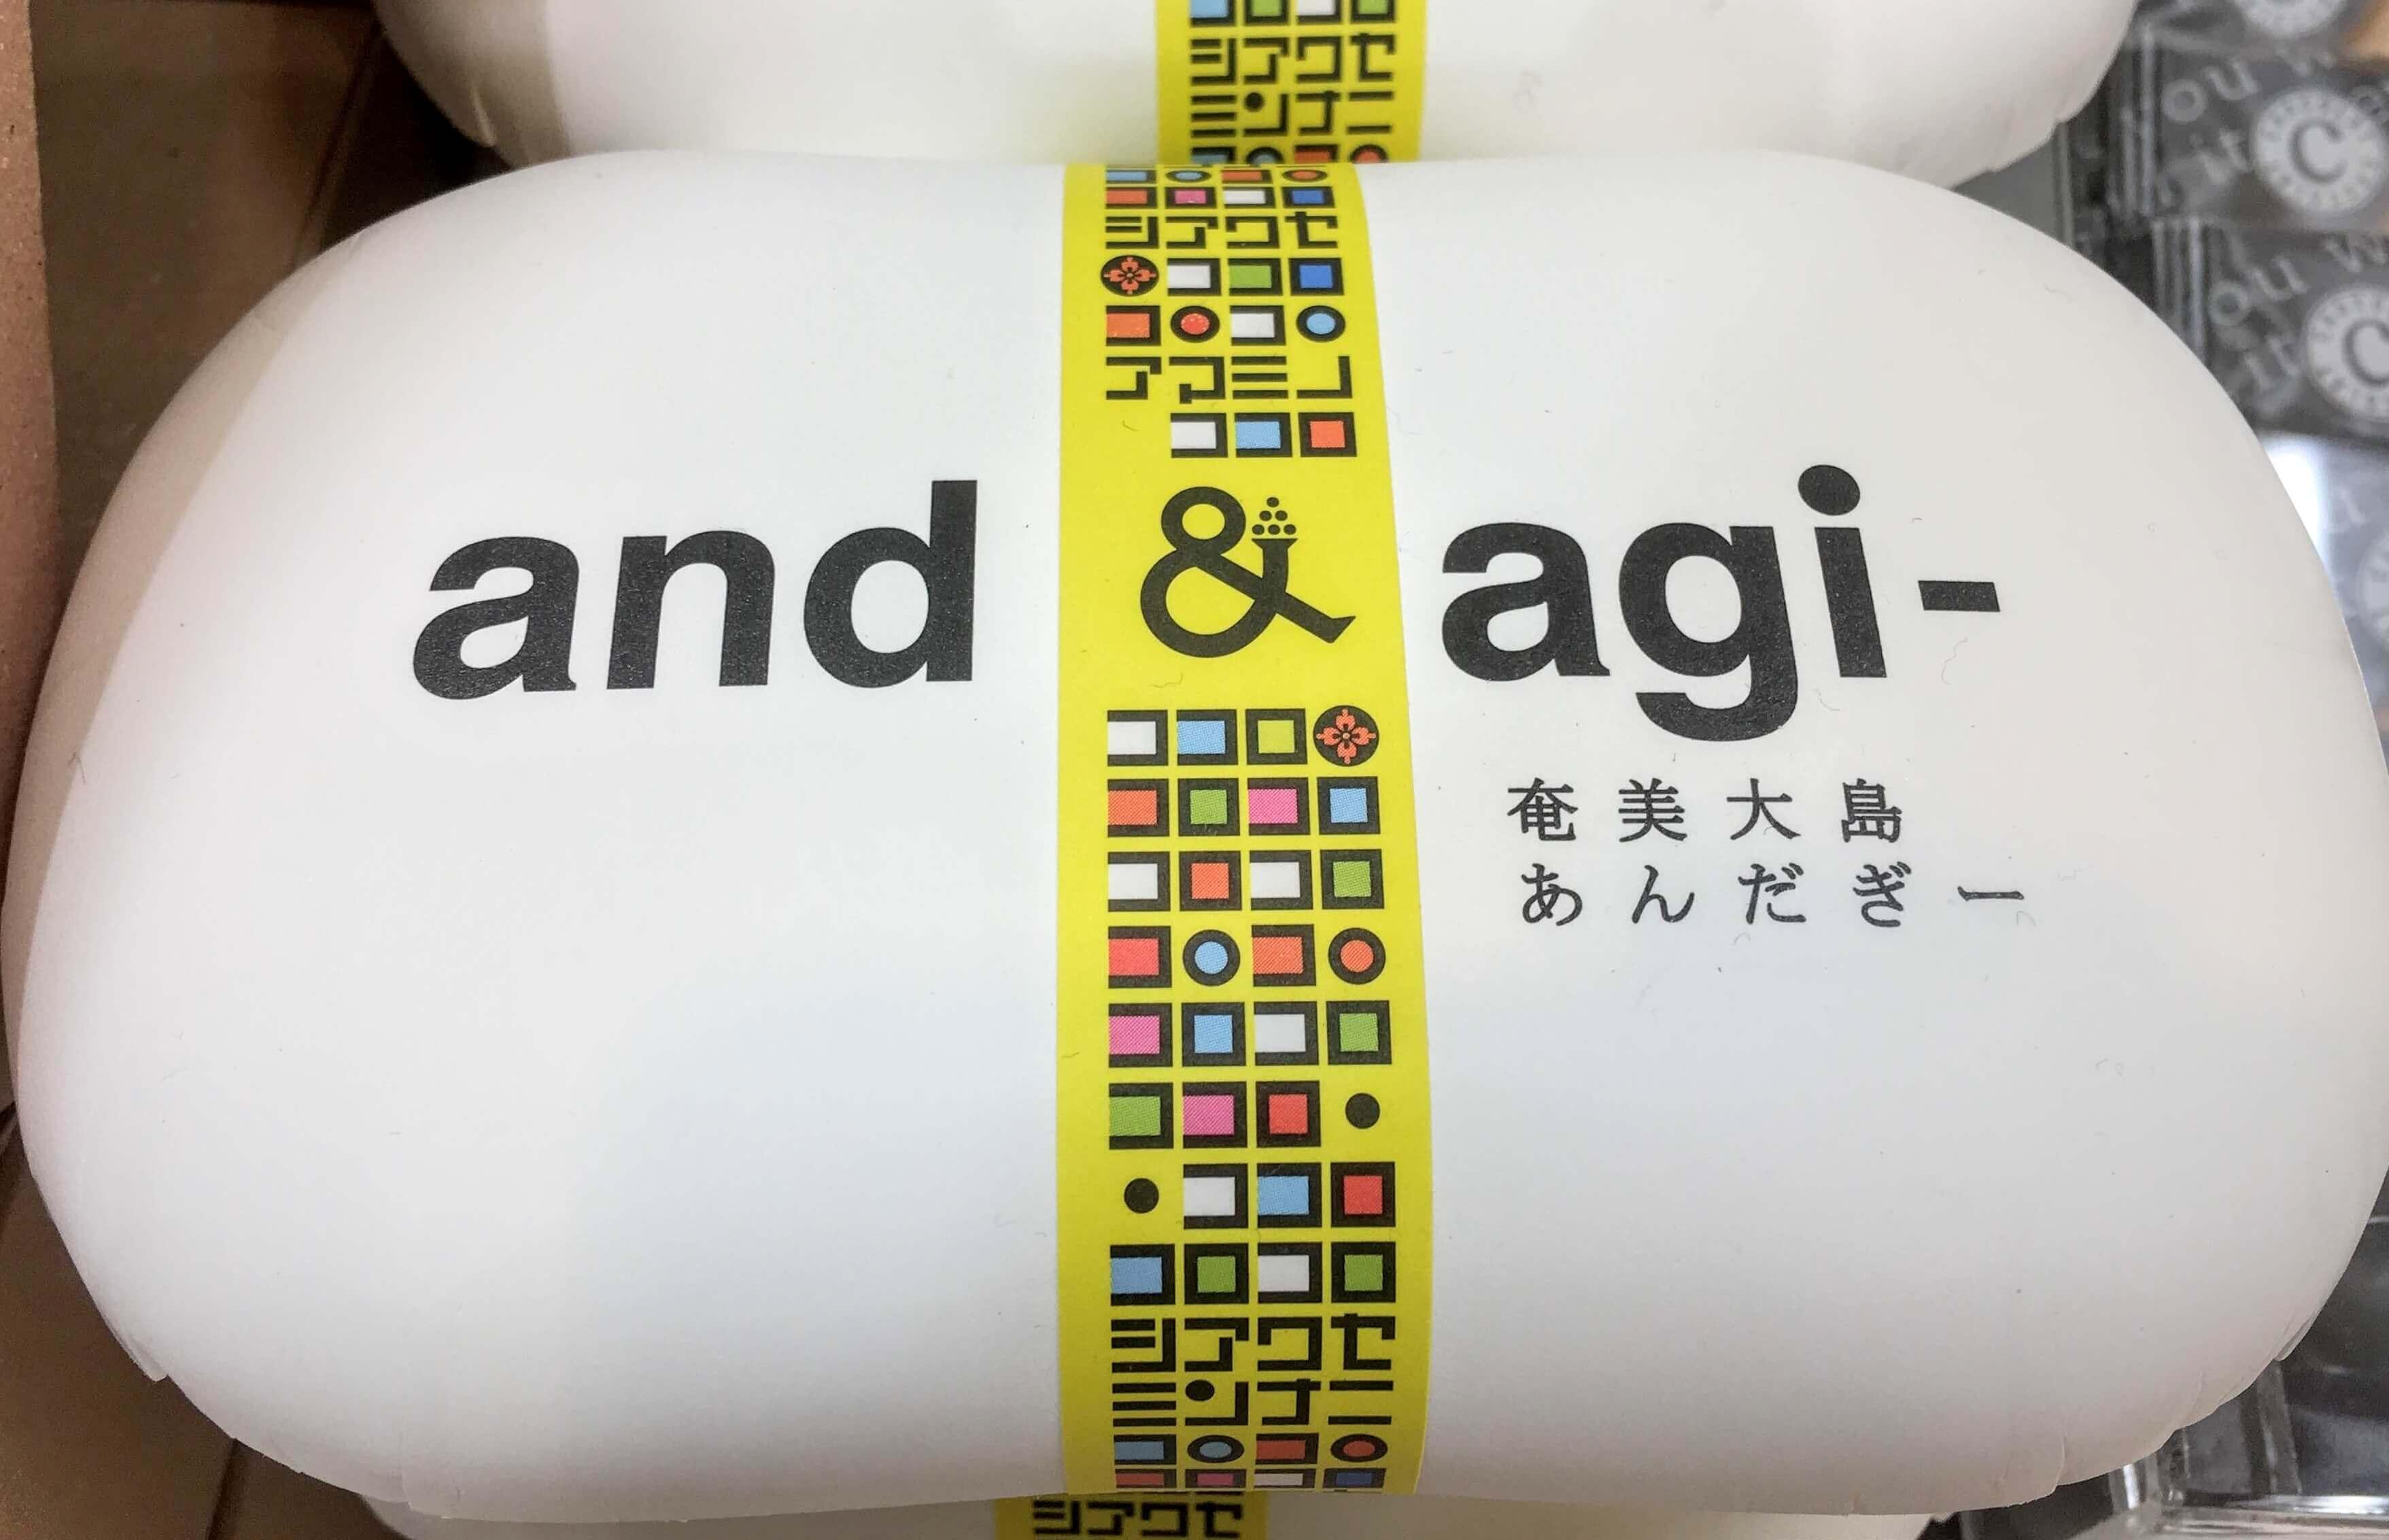 奄美大島の名物お土産、あんだぎやのアンダギー